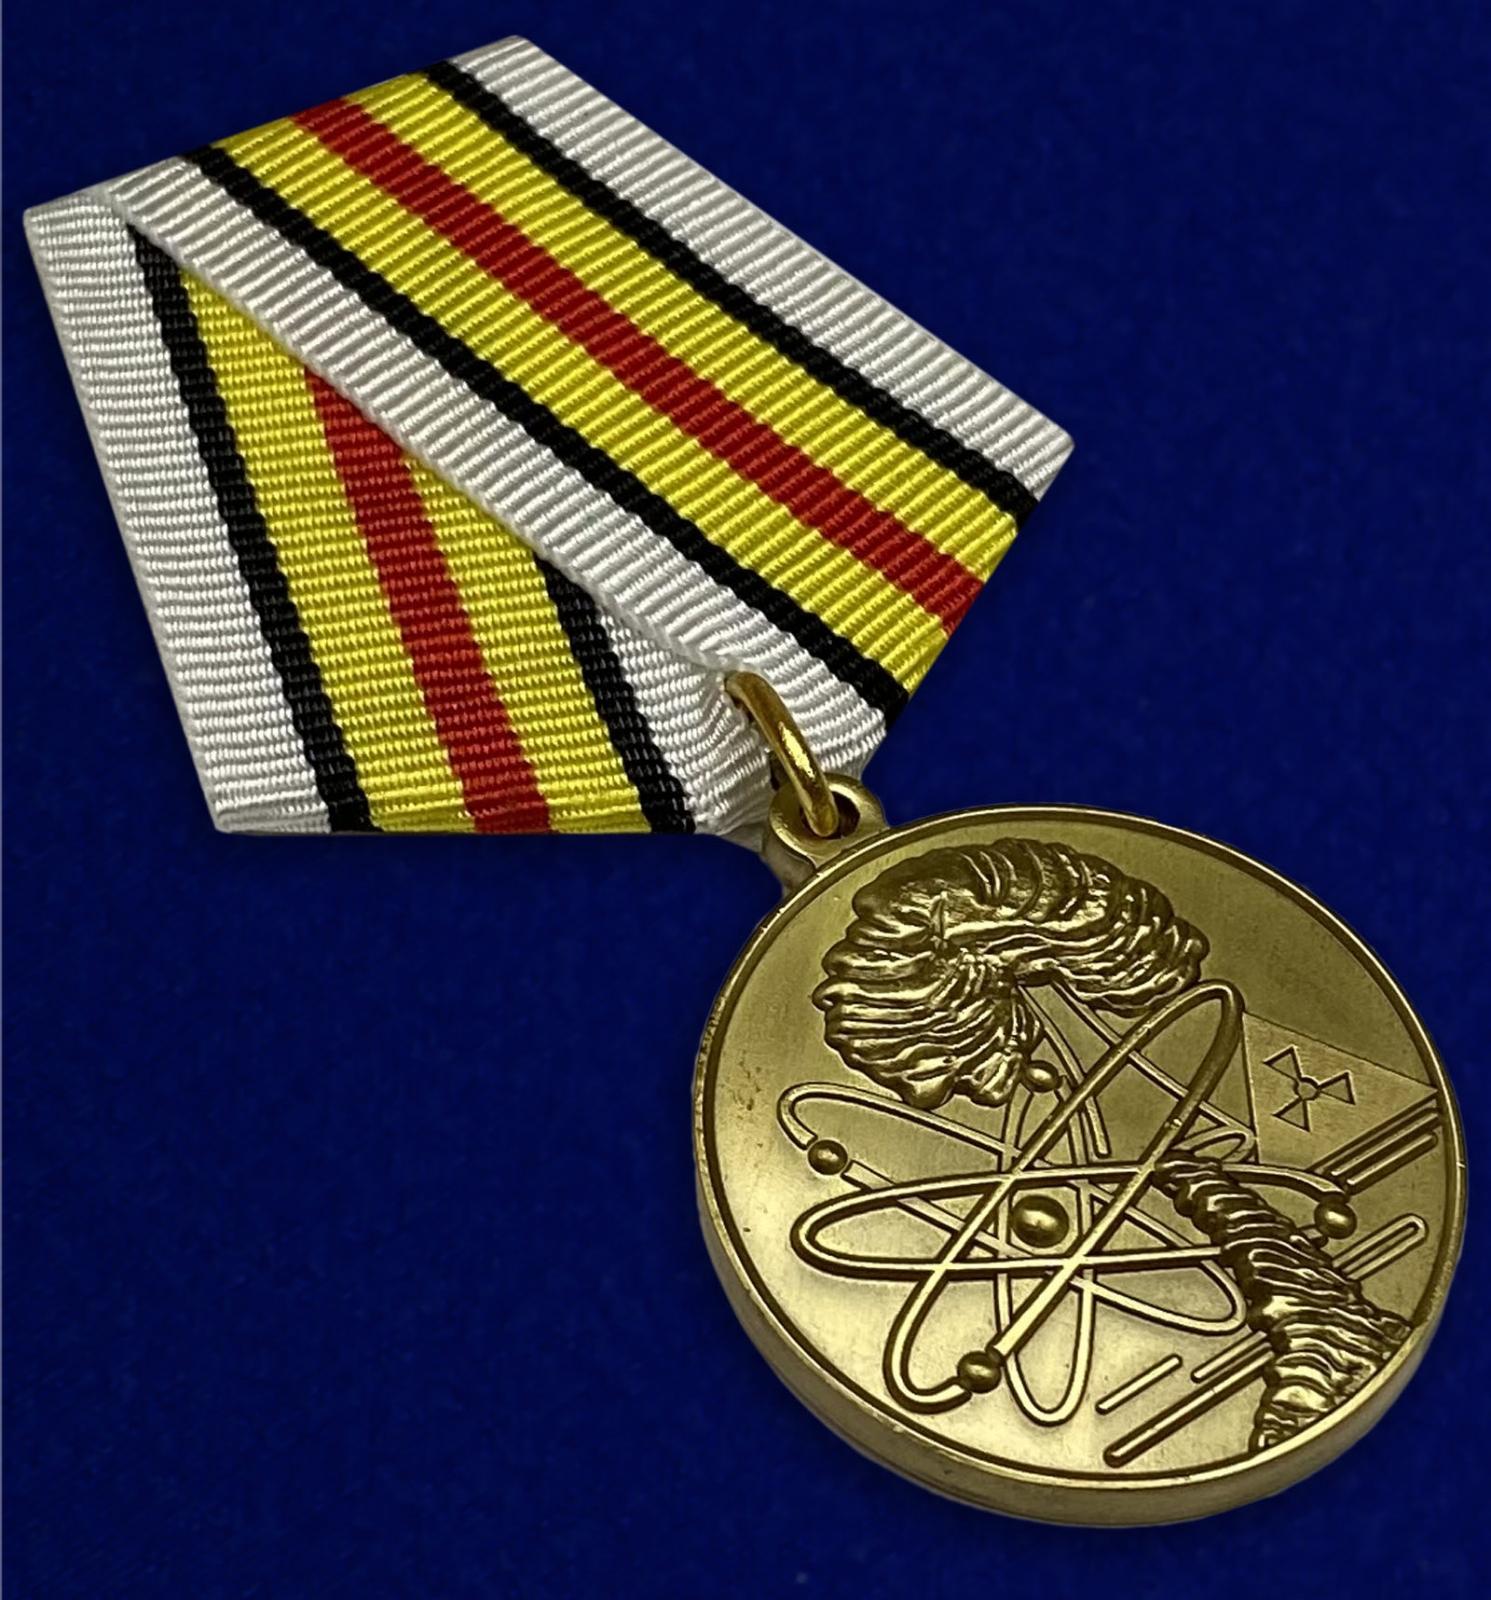 """Купить медаль """"Ветераны подразделений особого риска"""""""